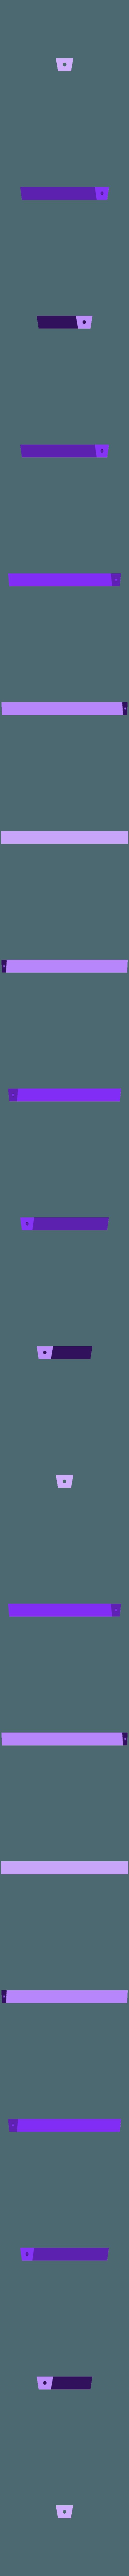 DF4J_LIGHT_BAR_20190218.stl Download free STL file LED light bar for the DF MODELS DF-4J • Design to 3D print, peterbroeders